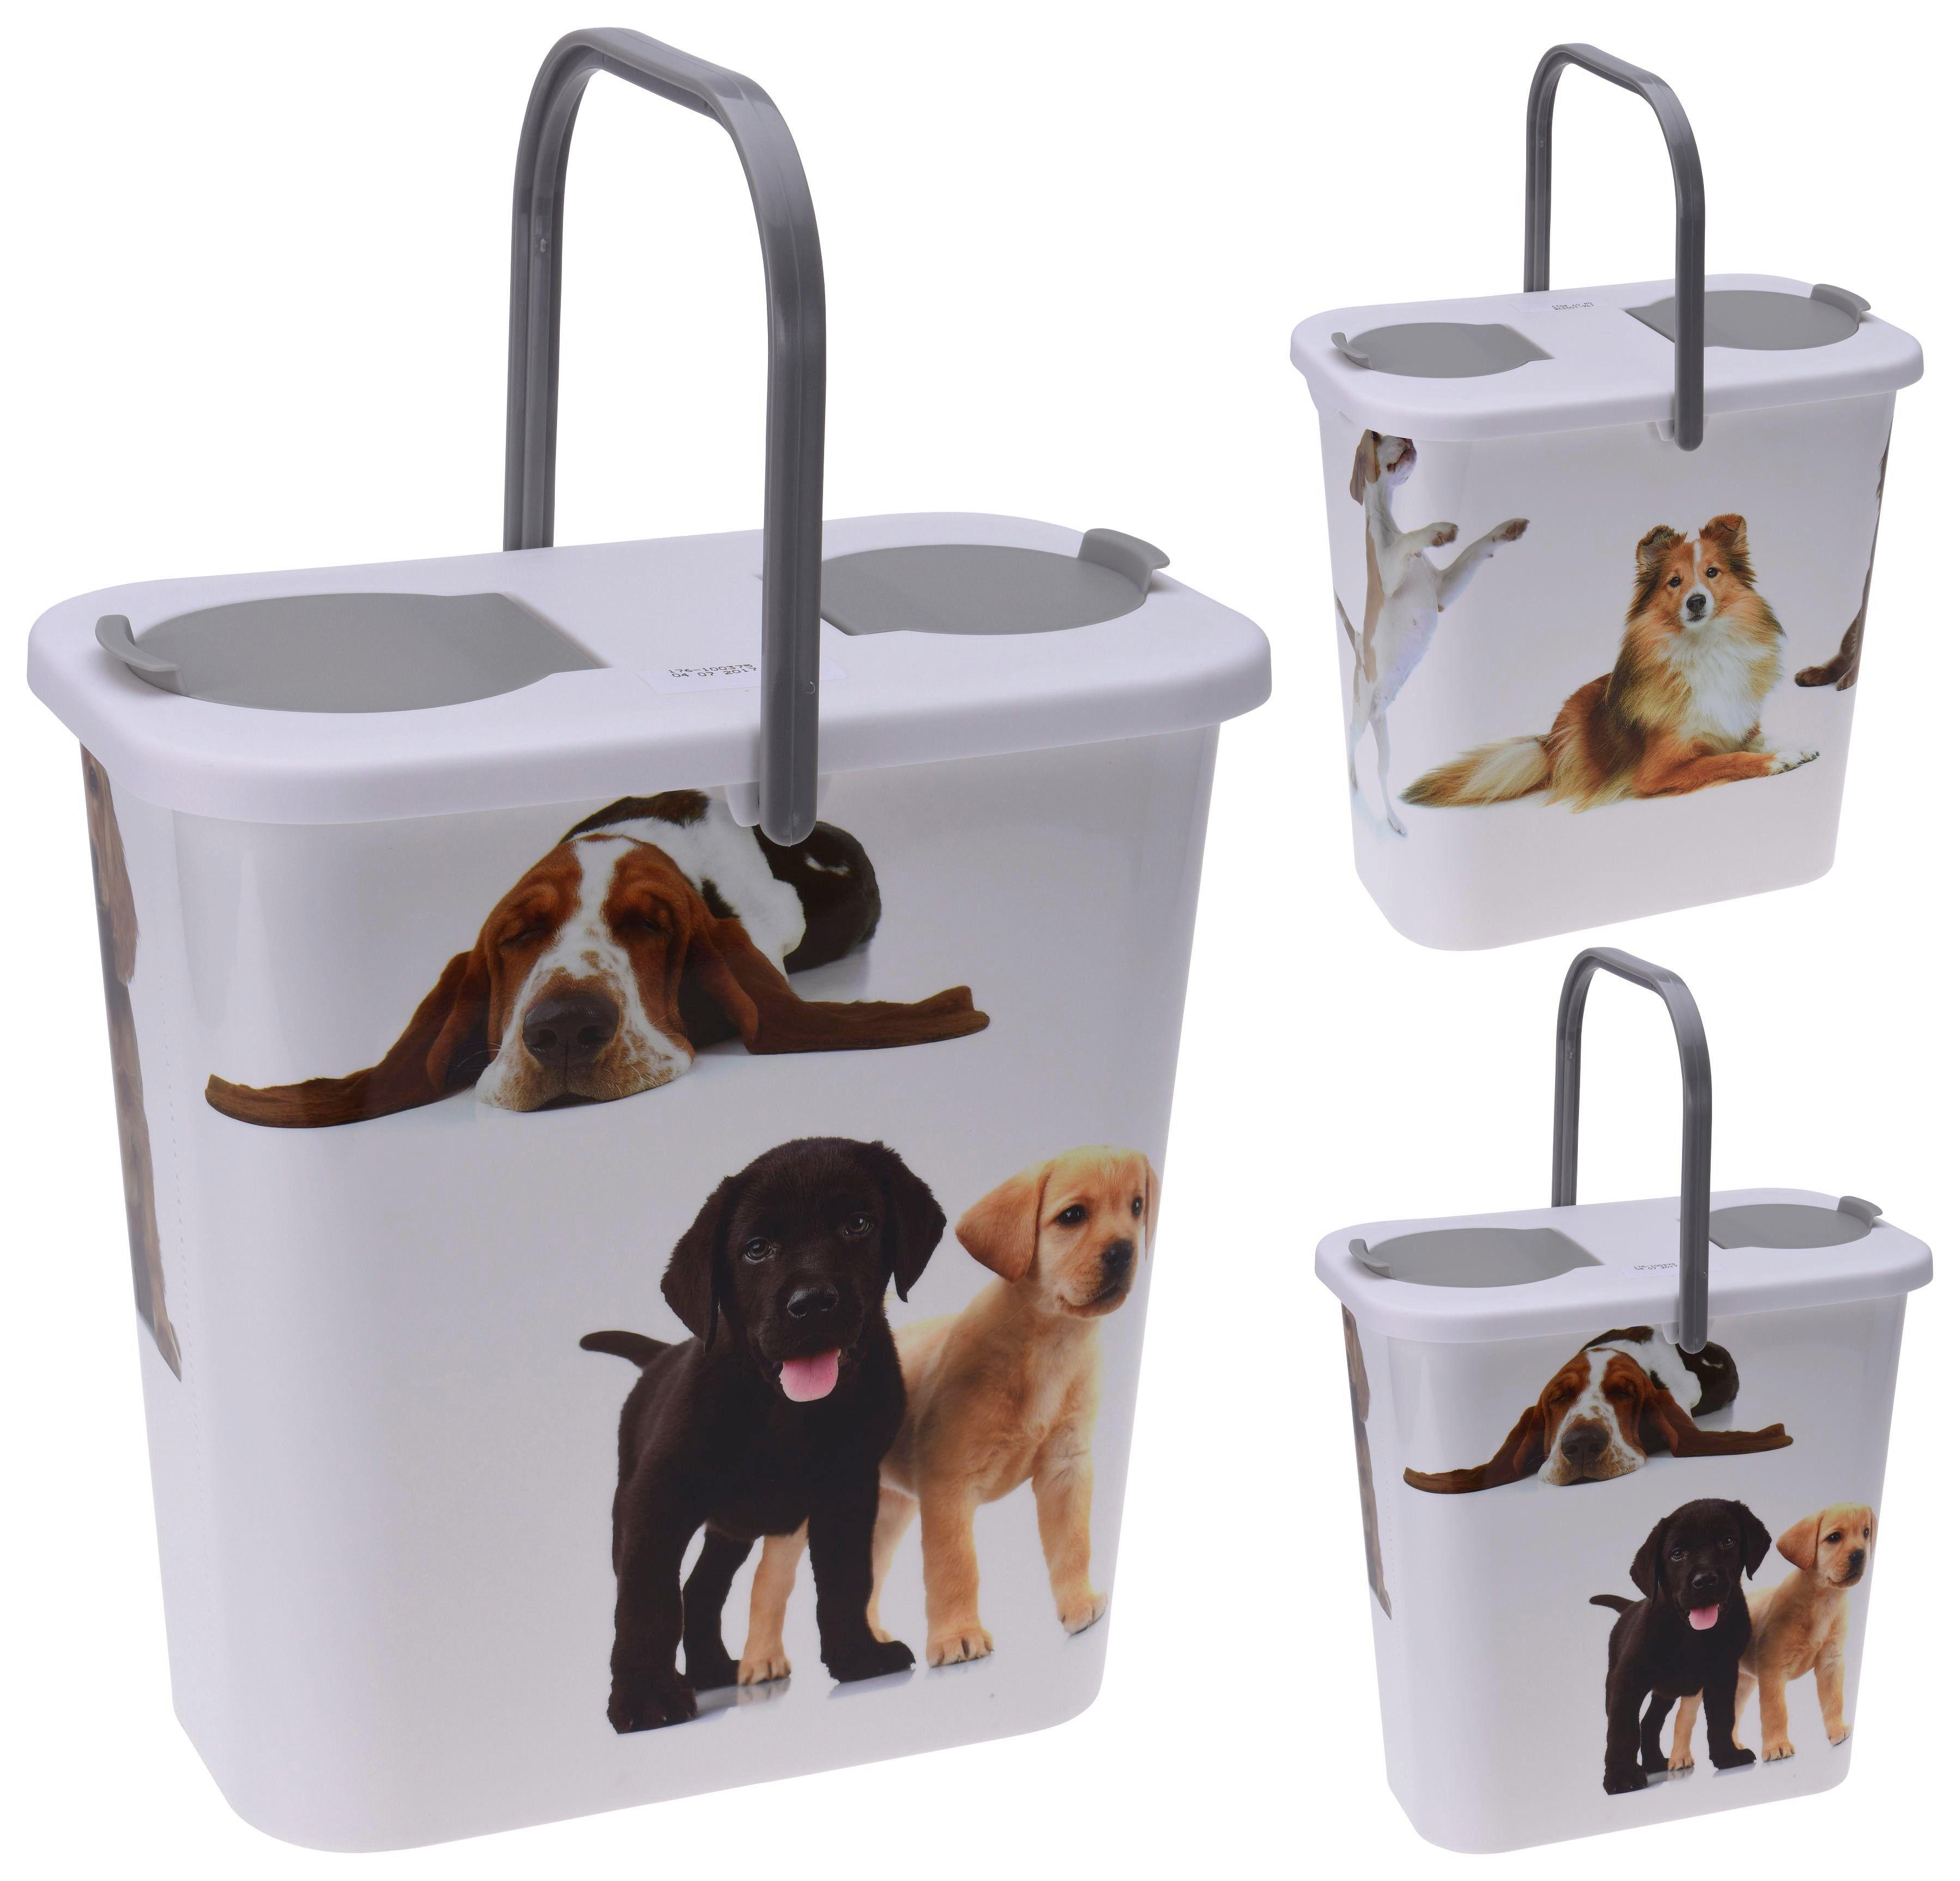 Futterbehälter für Tierfutter - Weiß/Grau, Kunststoff (31/19/31cm)